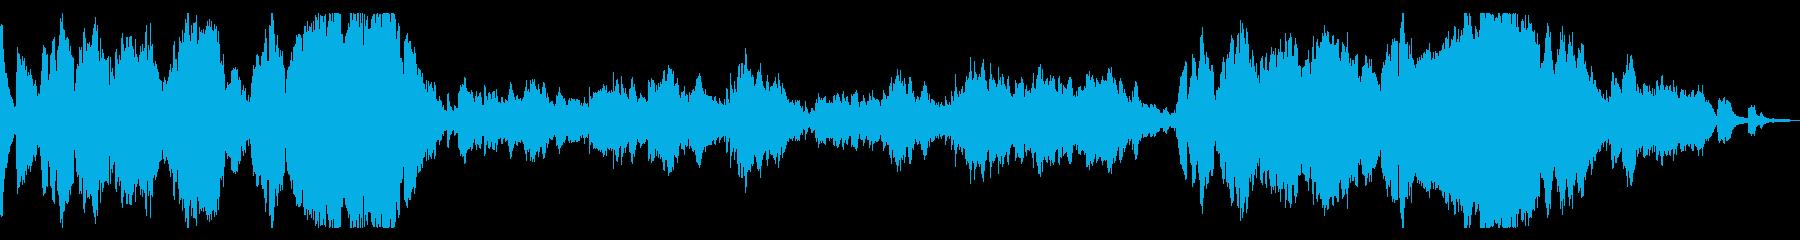 KANTショパン幻想即興曲の再生済みの波形